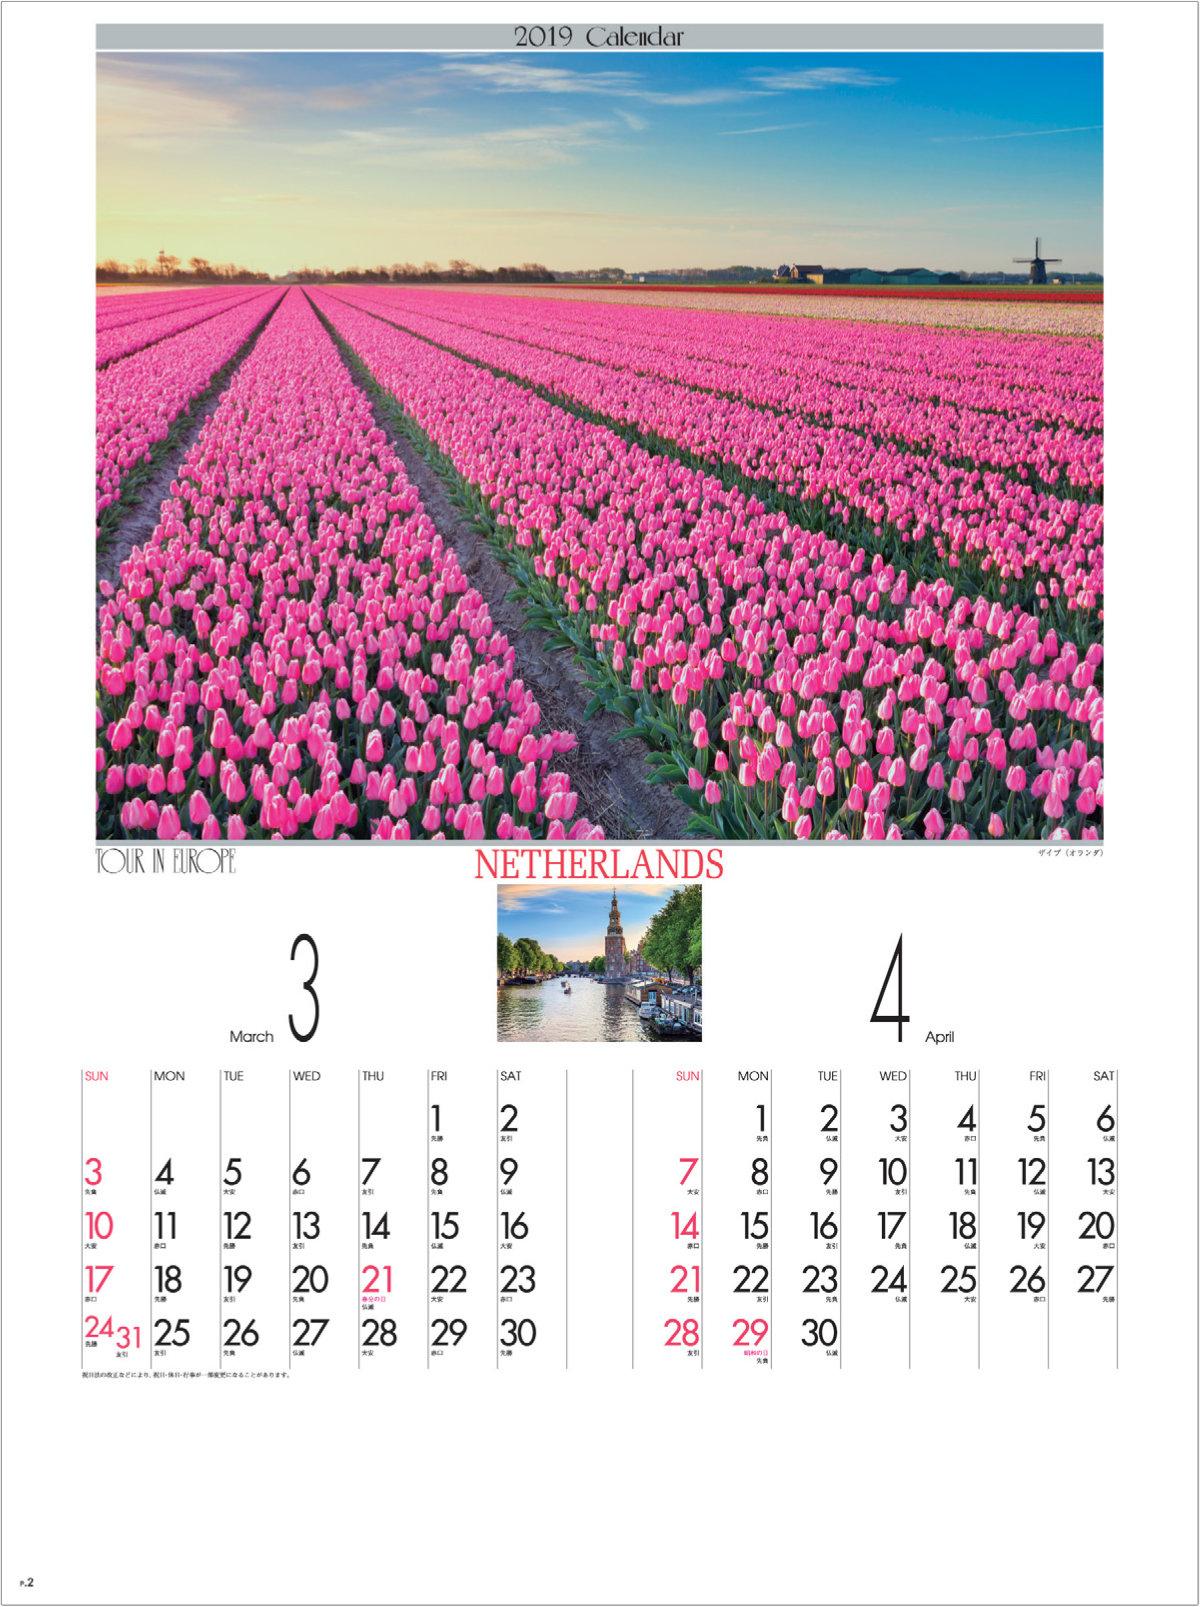 画像:ザイプのチューリップ畑(オランダ) ヨーロッパの旅 2019年カレンダー